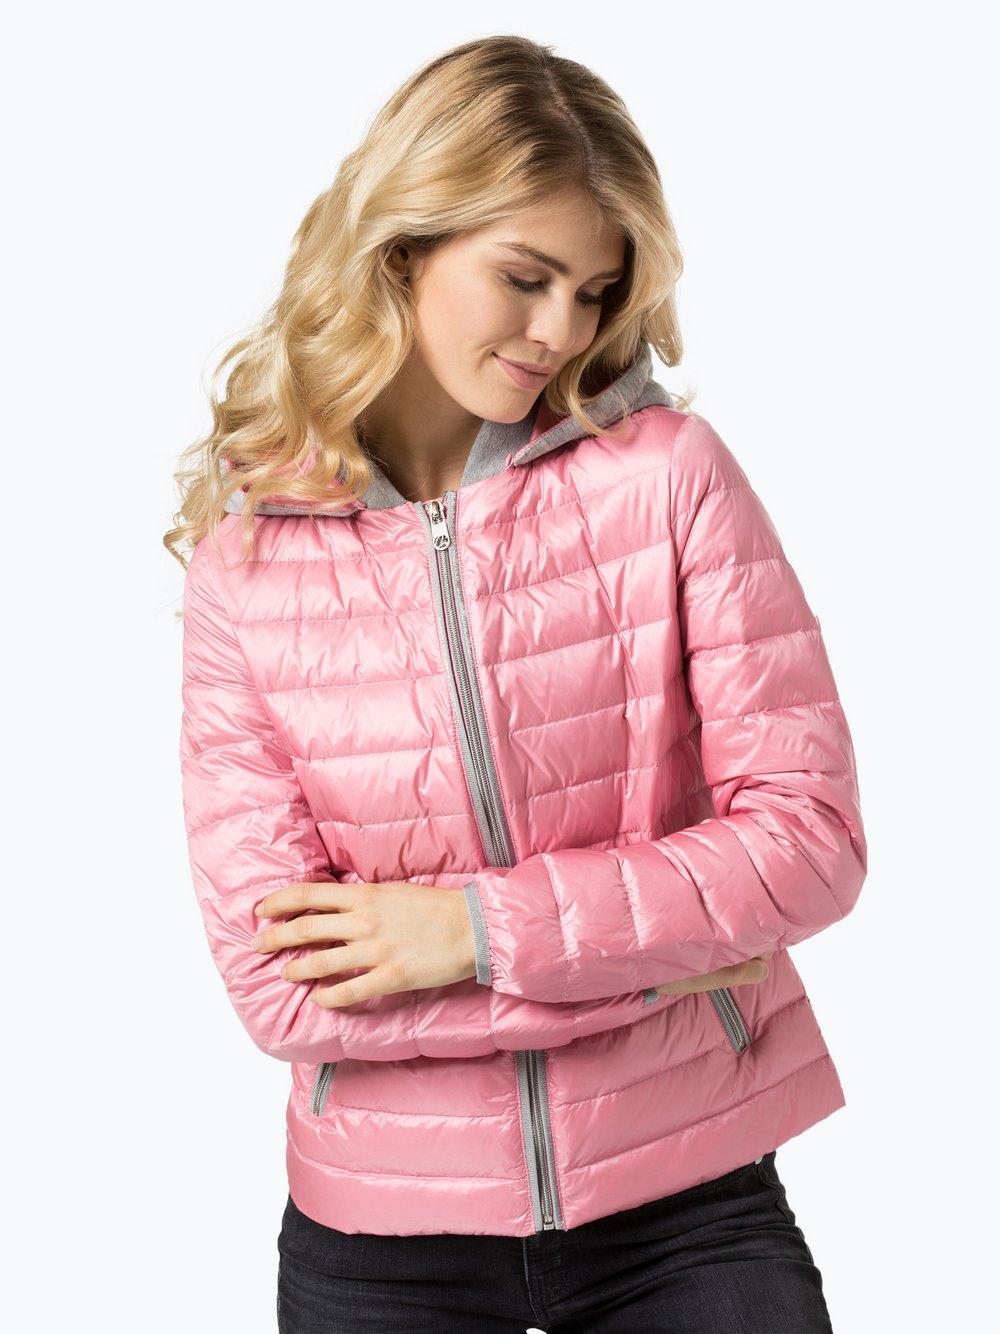 eBay #Sponsored Lego Wear Mädchen Jacke pink Josie 775